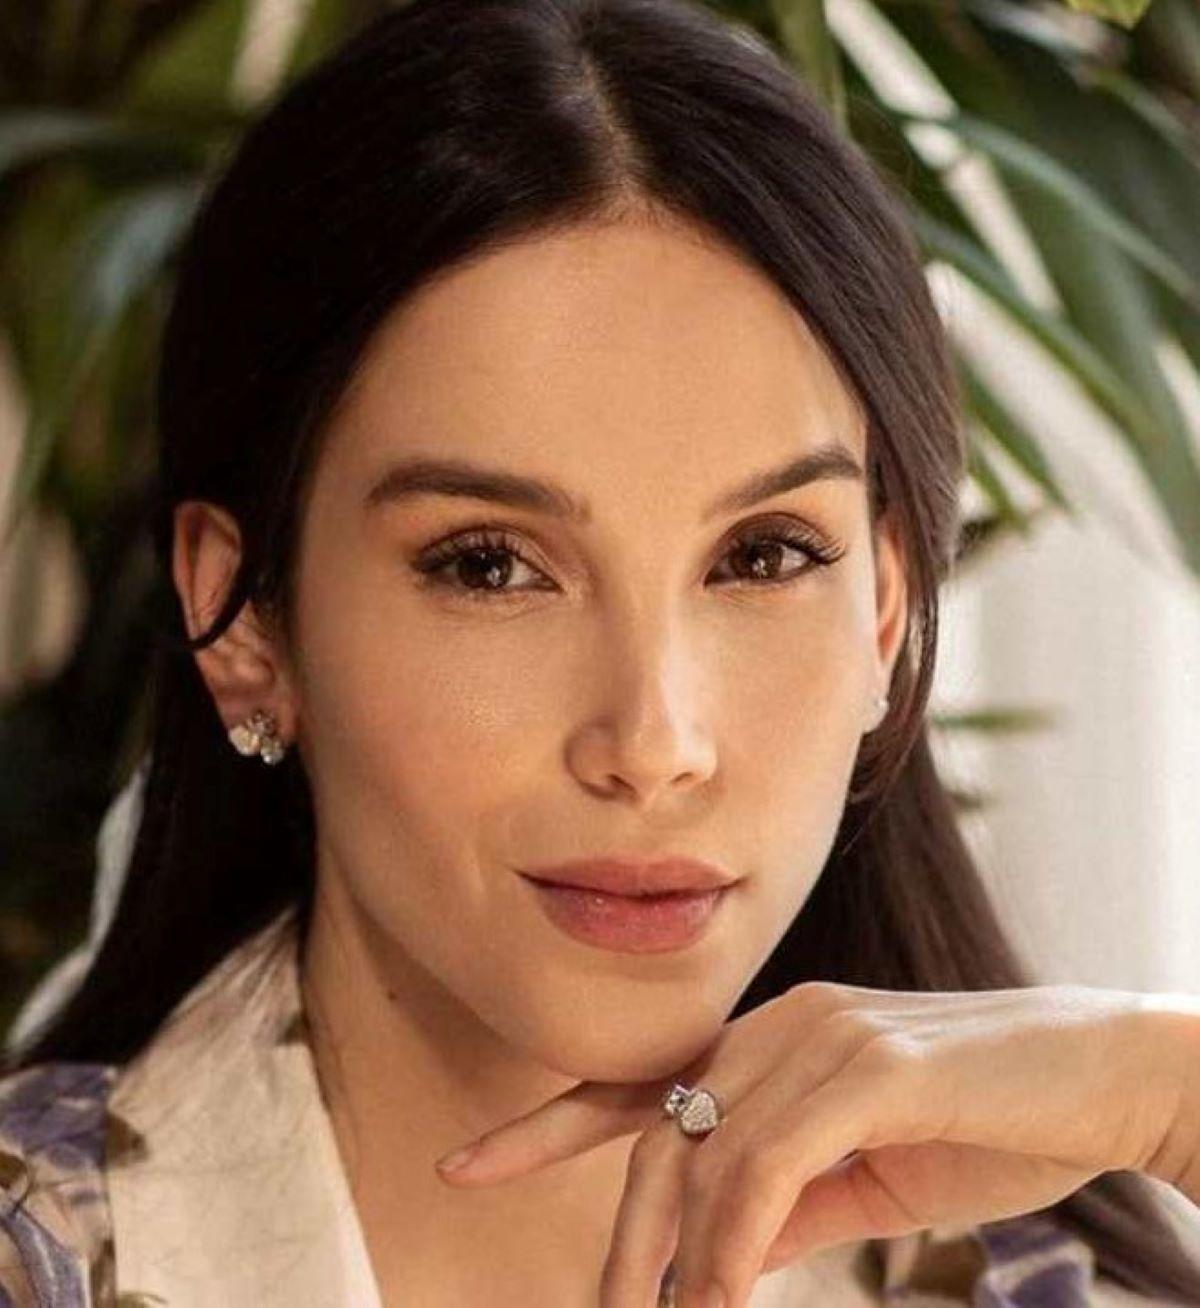 Paola Di Benedetto Smentita Fidanzamento Rampollo Milanese